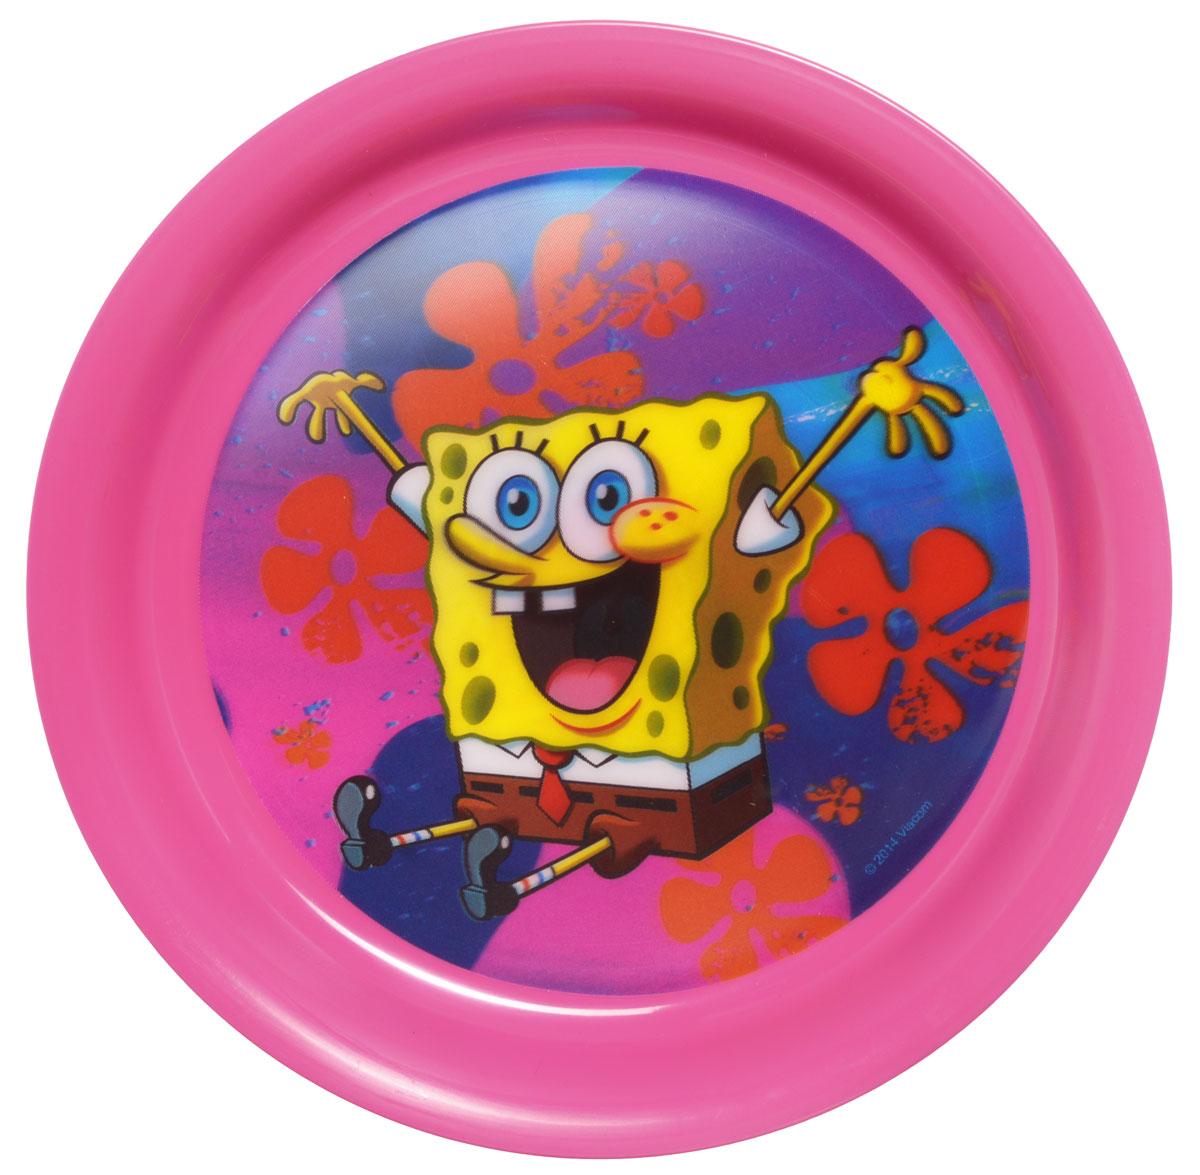 Губка Боб Тарелка детская 3D цвет розовый диаметр 19 смКРС-260Яркая тарелка Губка Боб с 3D рисунком идеально подойдет для кормления малыша и самостоятельного приема им пищи. Тарелка выполнена из безопасного полипропилена розового цвета, дно оформлено объемным изображением улыбающегося Губки Боба из одноименного мультсериала. Такой подарок станет не только приятным, но и практичным сувениром, добавит ярких эмоций вашему ребенку! Не предназначено для использования в СВЧ-печи и посудомоечной машине.